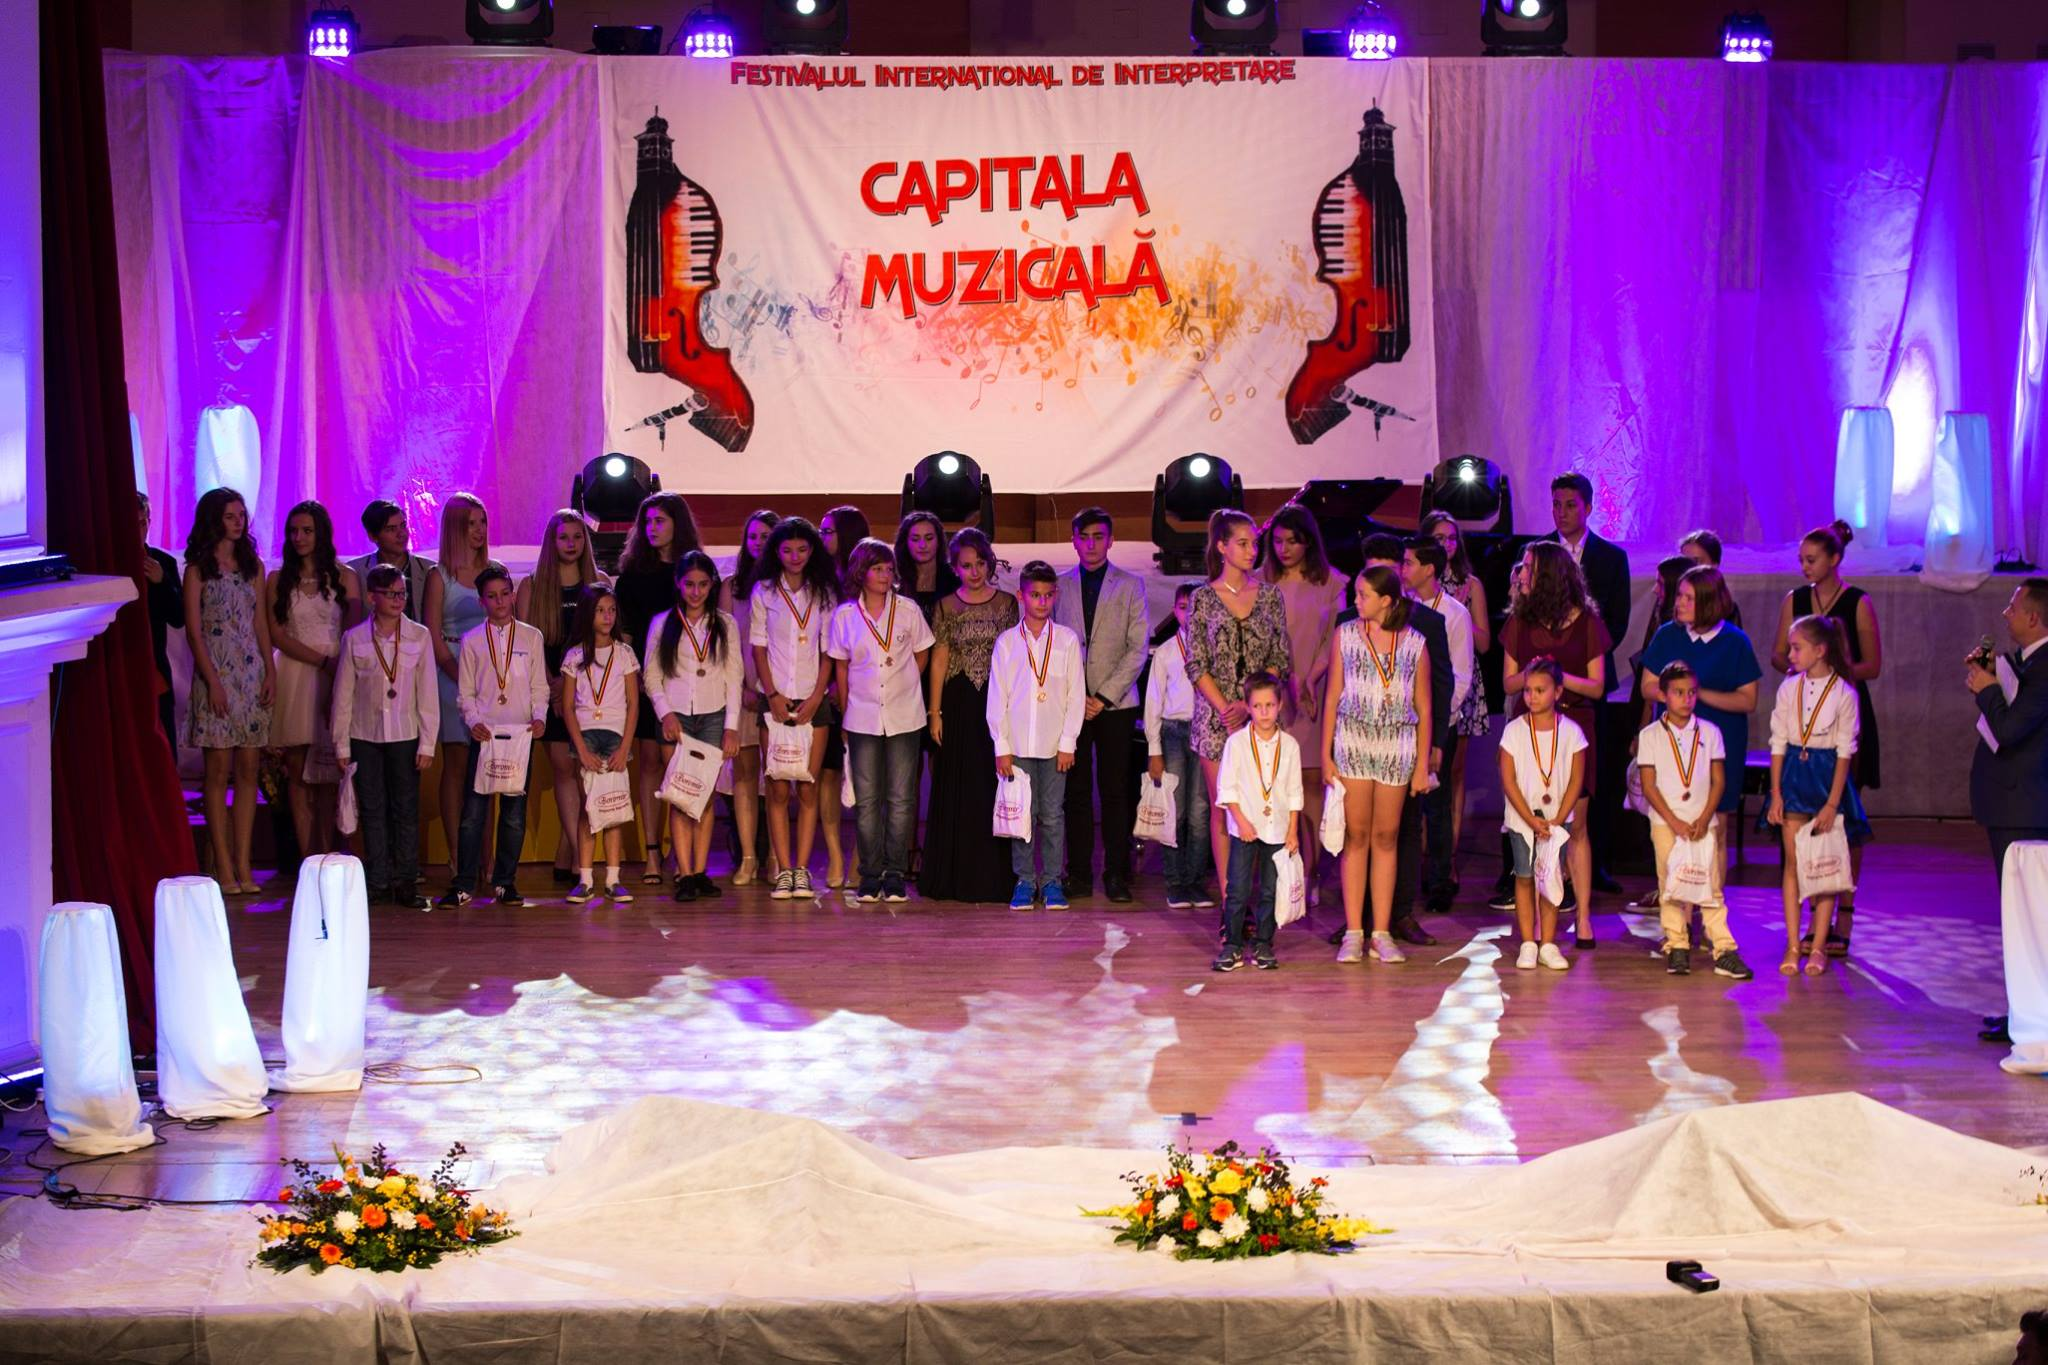 """Aproape 200 de participanți la cea de-a VIII-a ediție a Festivalului Internațional """"Capitala muzicală"""""""